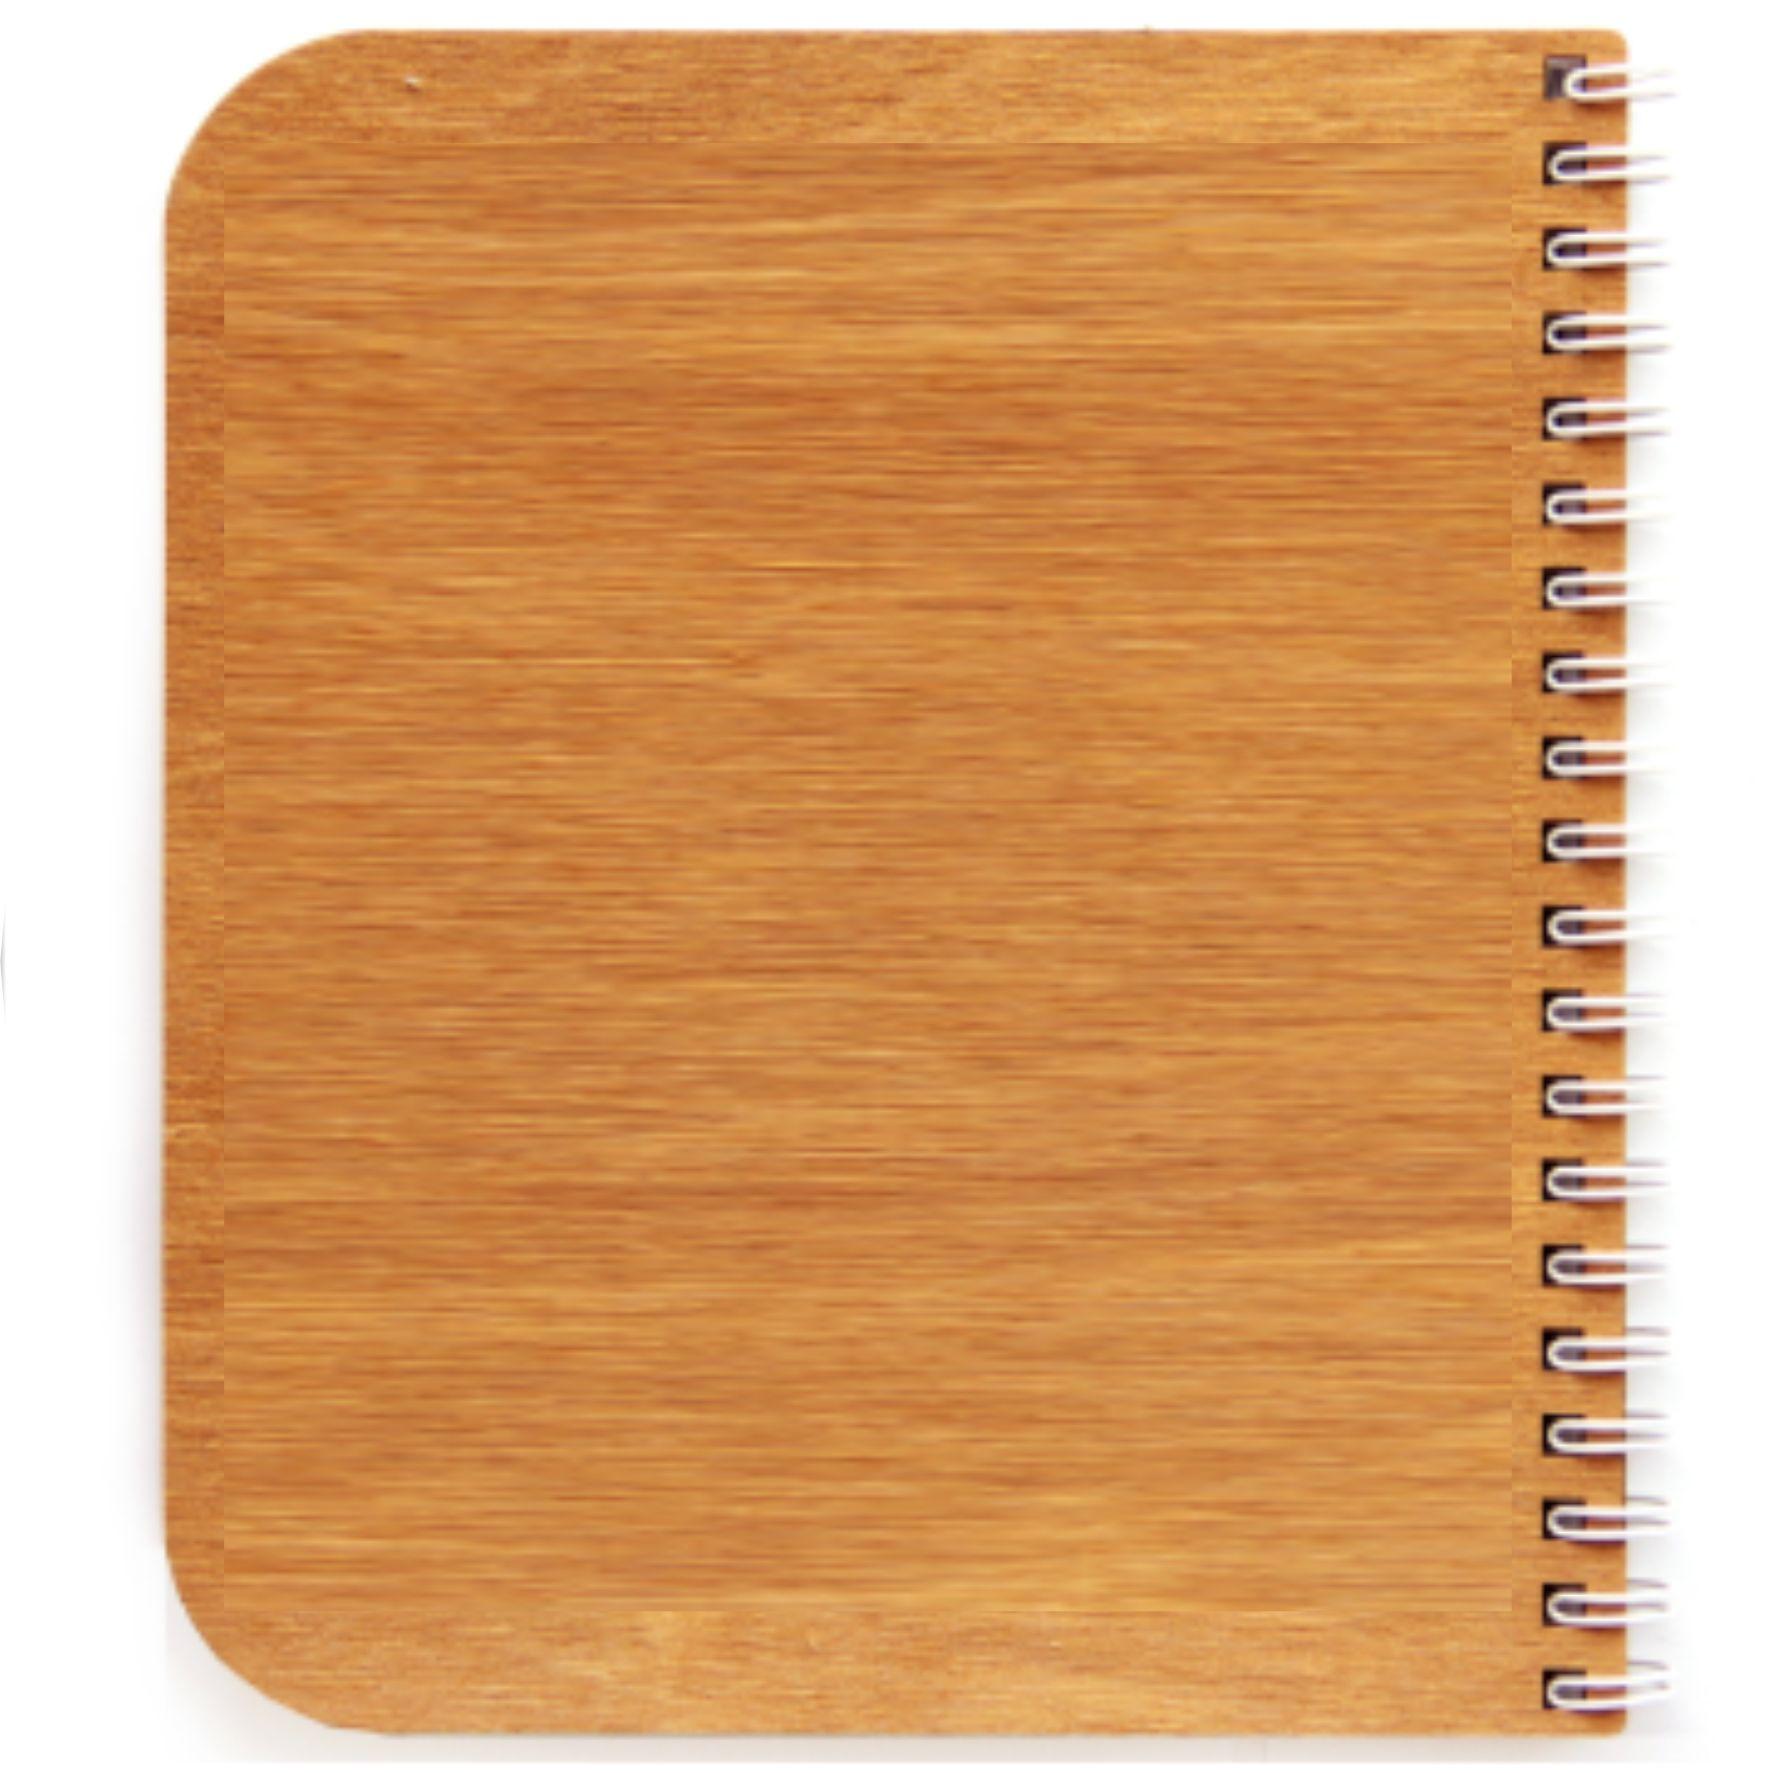 эко блокноты с деревянной обложкой